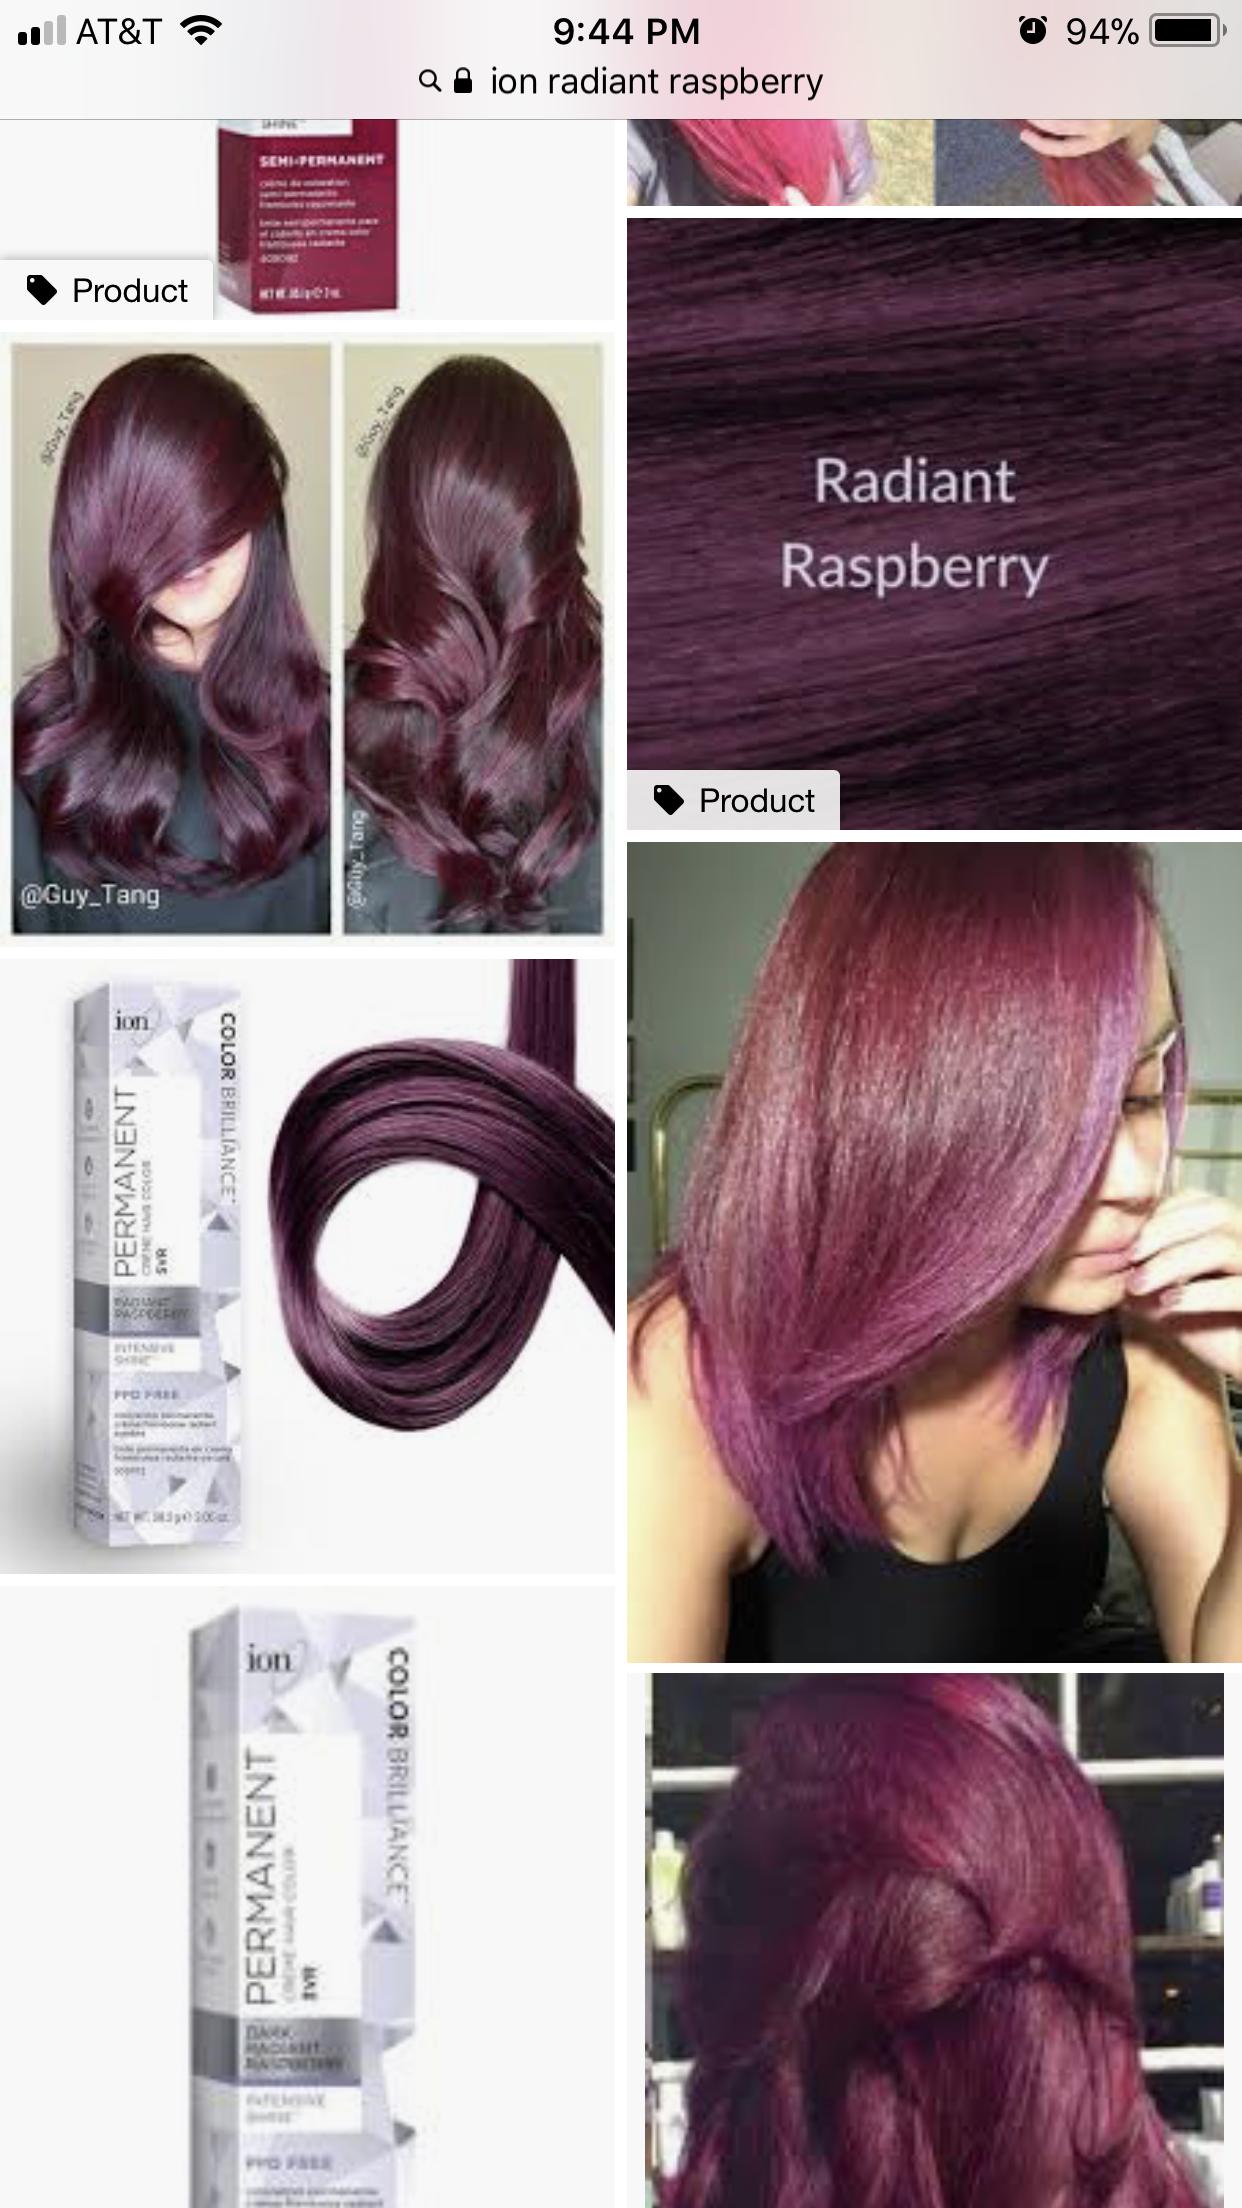 Ion Radiant Raspberry Ion Hair Colors Hair Dye Color Chart Chrome Hair Color